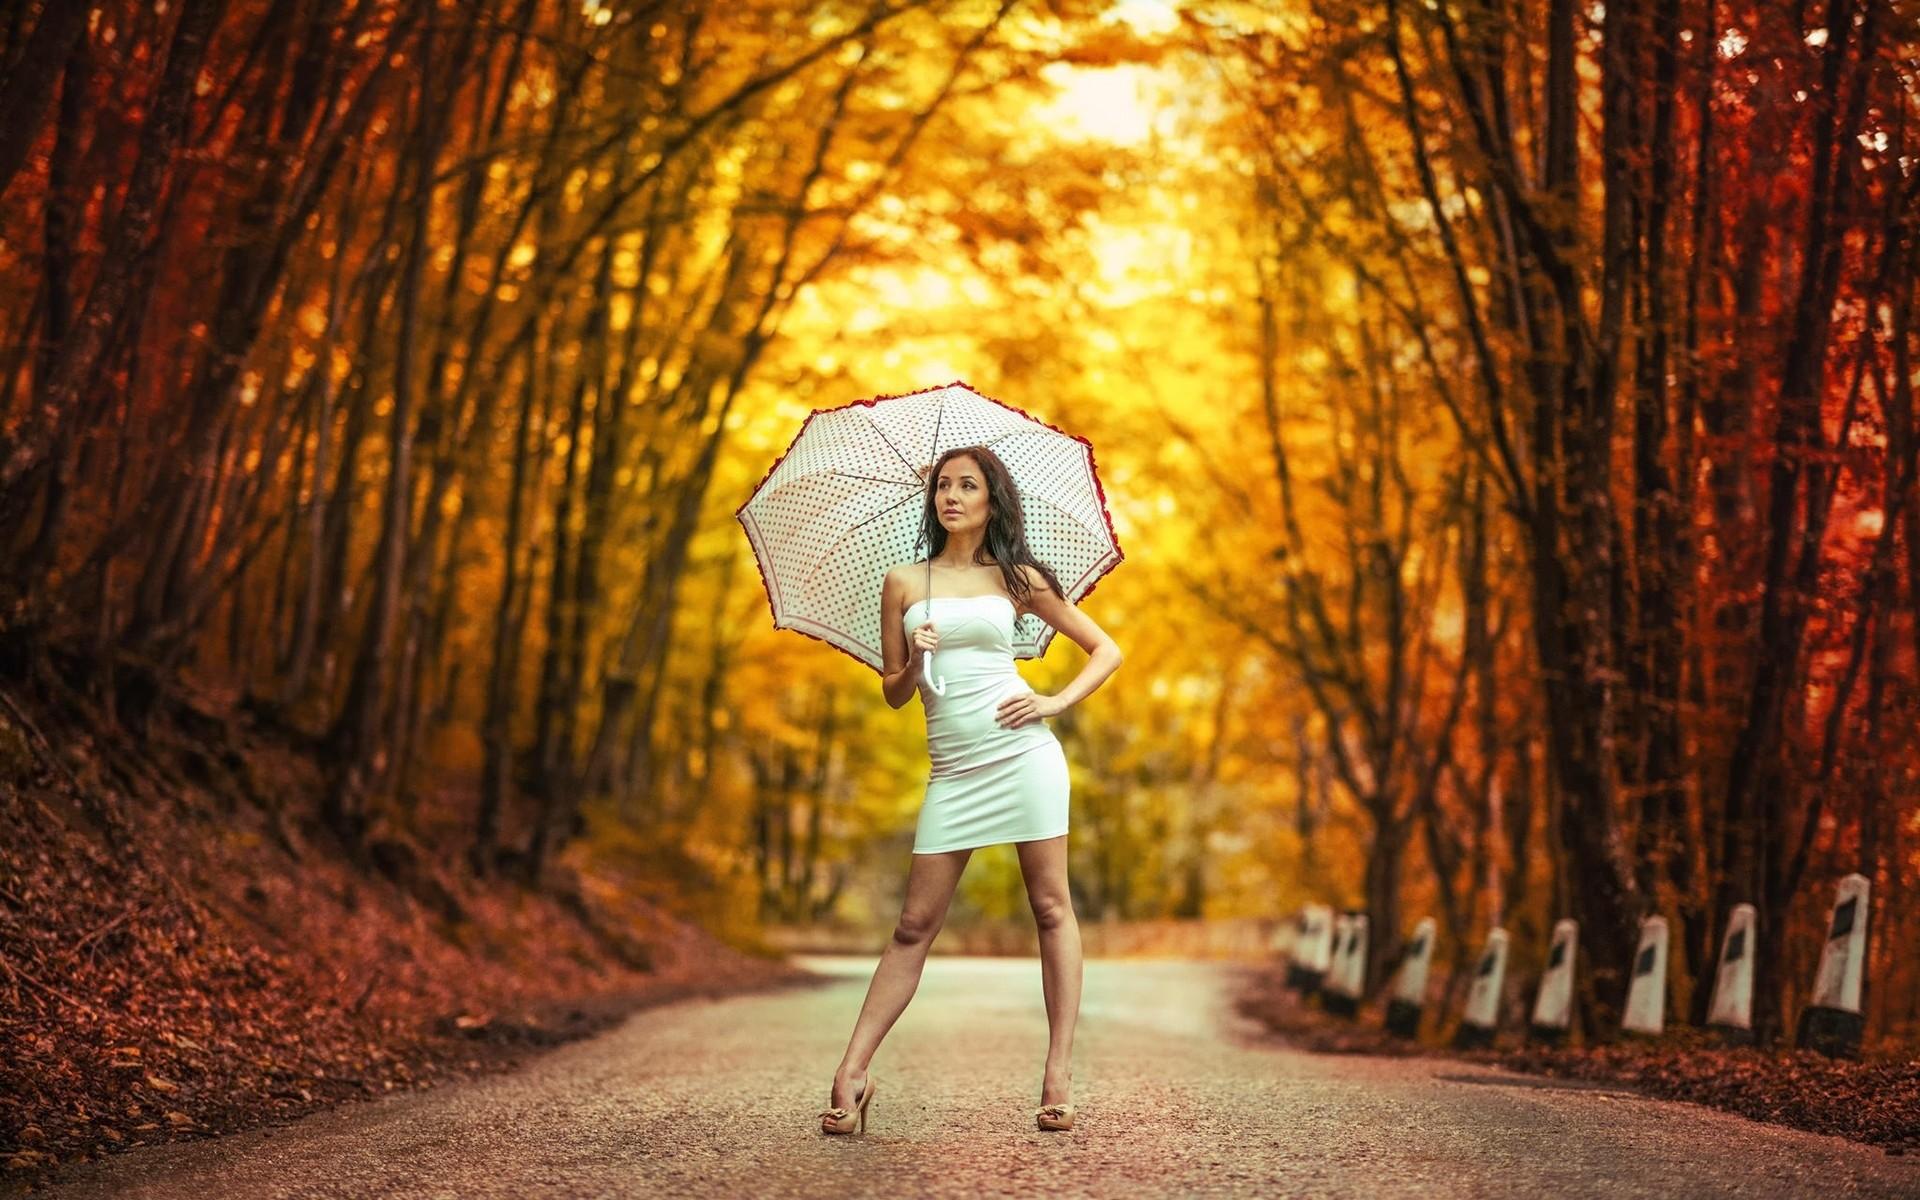 Детская, картинки девушка с зонтиком в осеннем парке